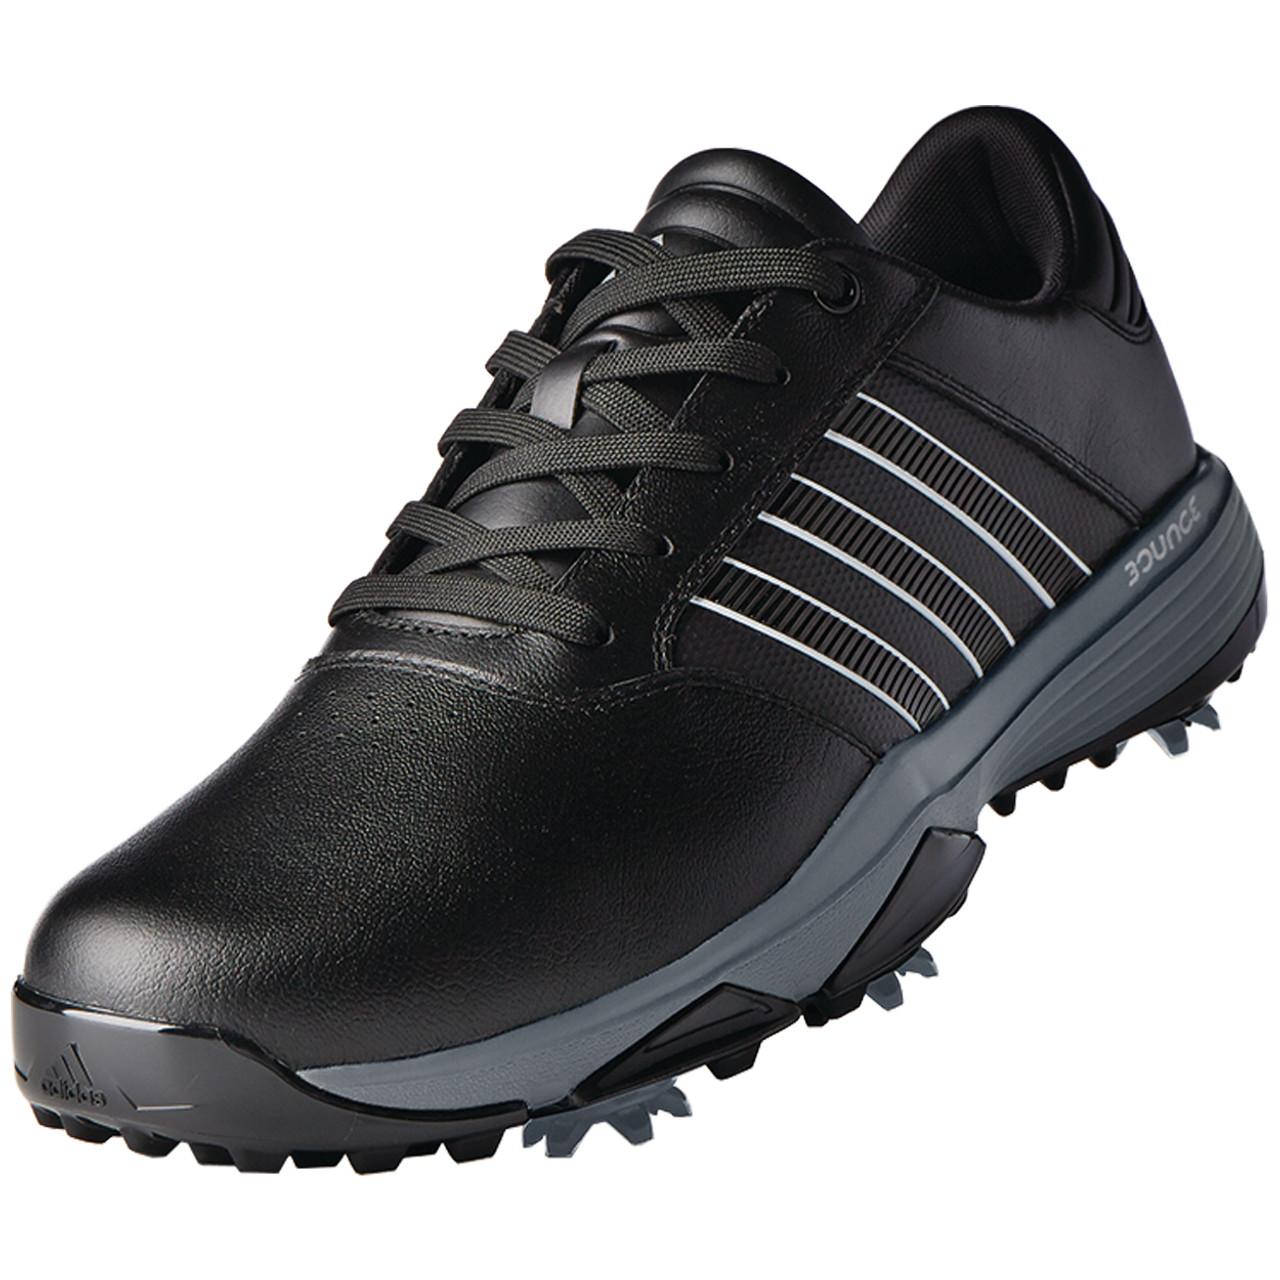 Adidas 360 Bounce Golf Shoe - GolfEtail.com